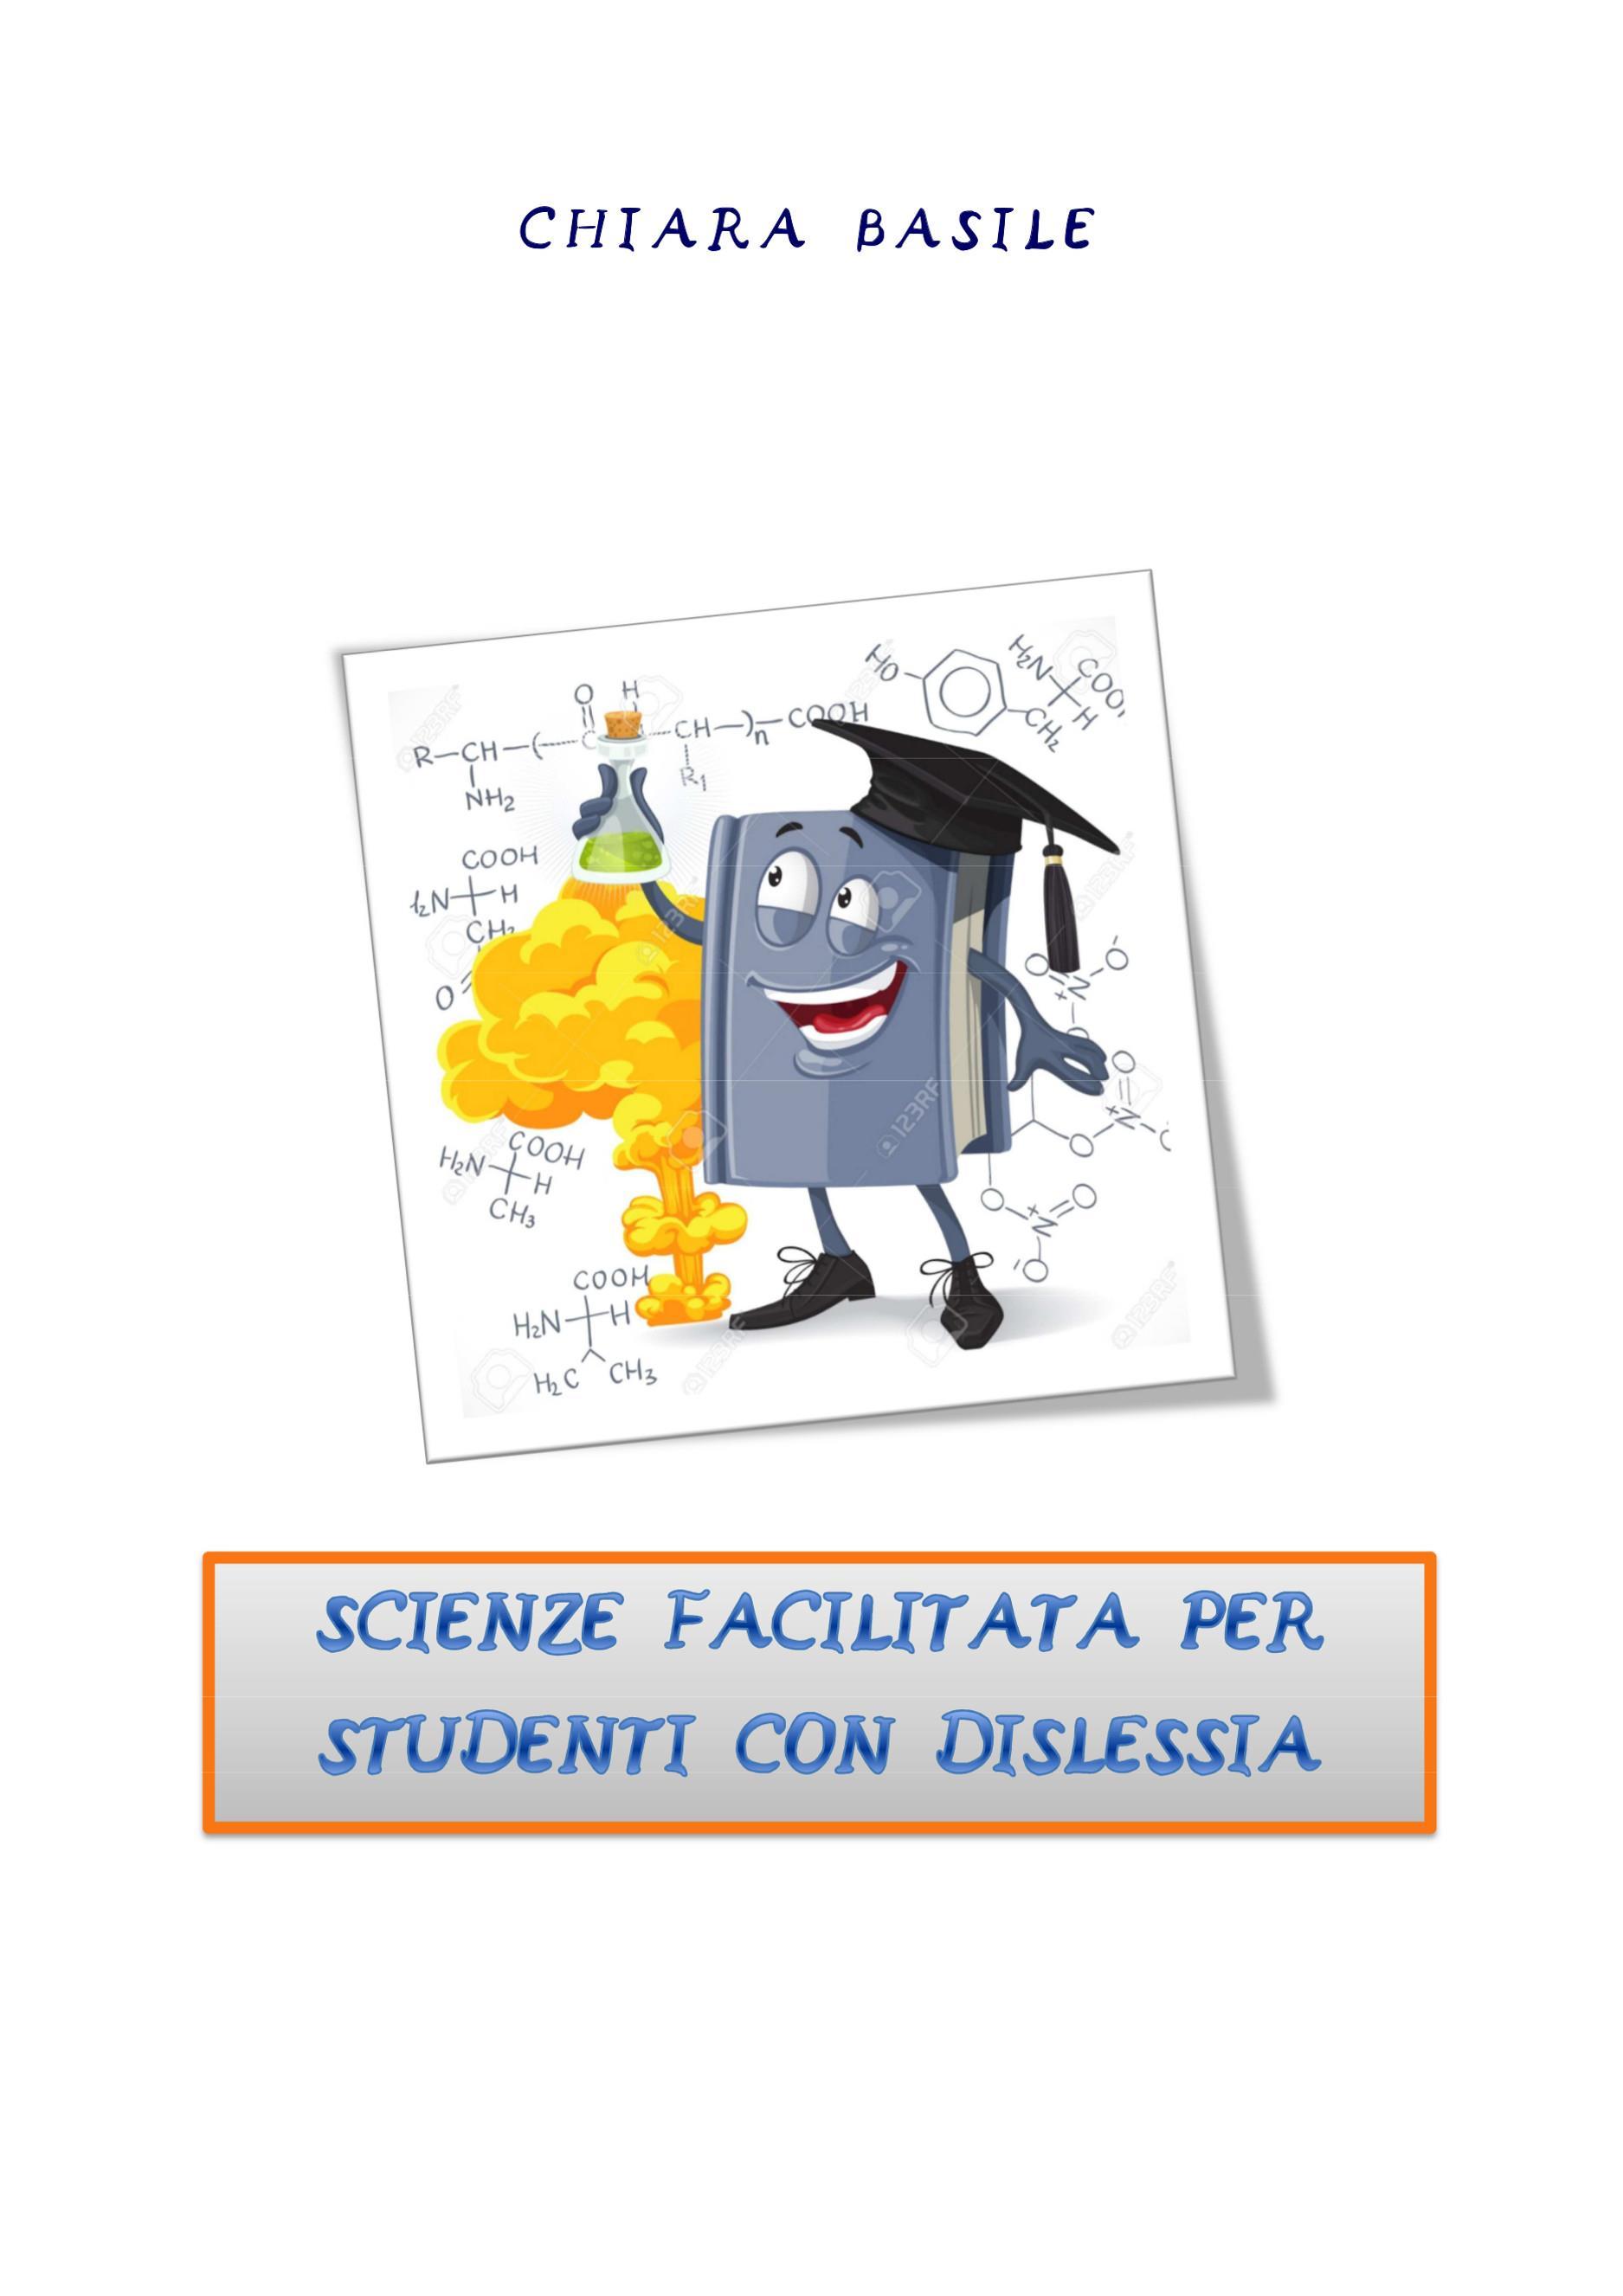 Scienze facilitata per studenti con dislessia